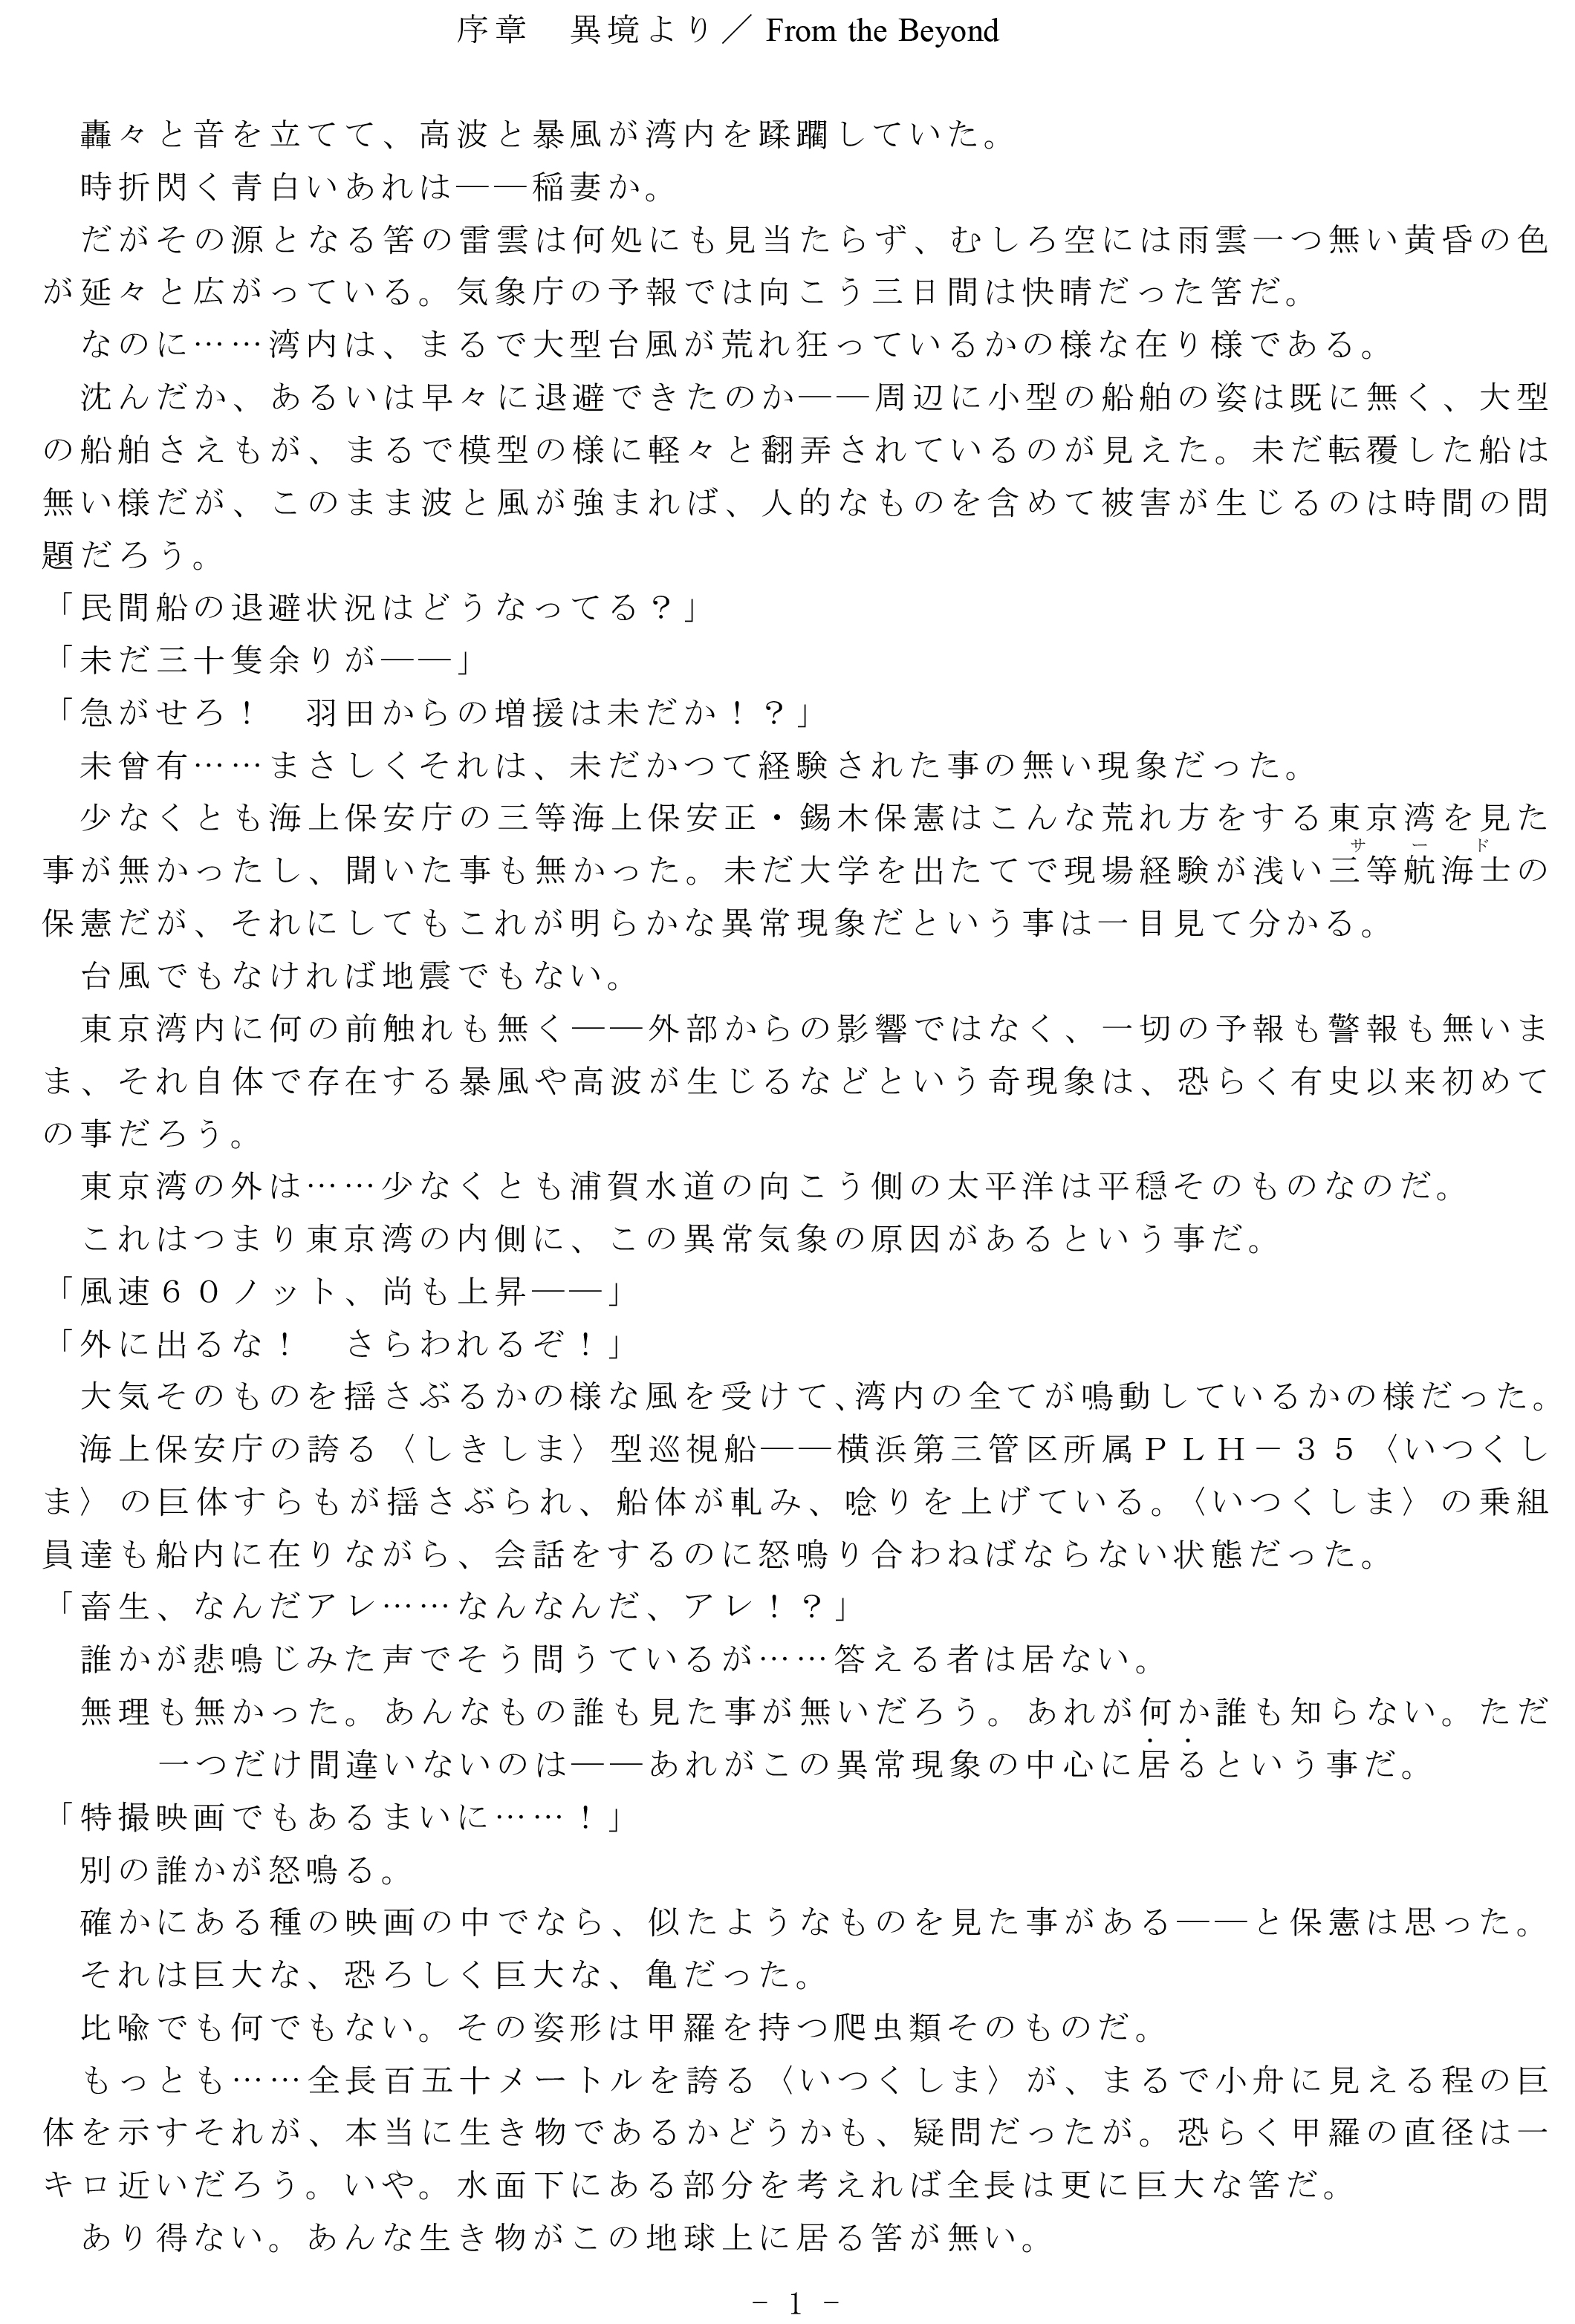 yomeyome_SP_SS_1